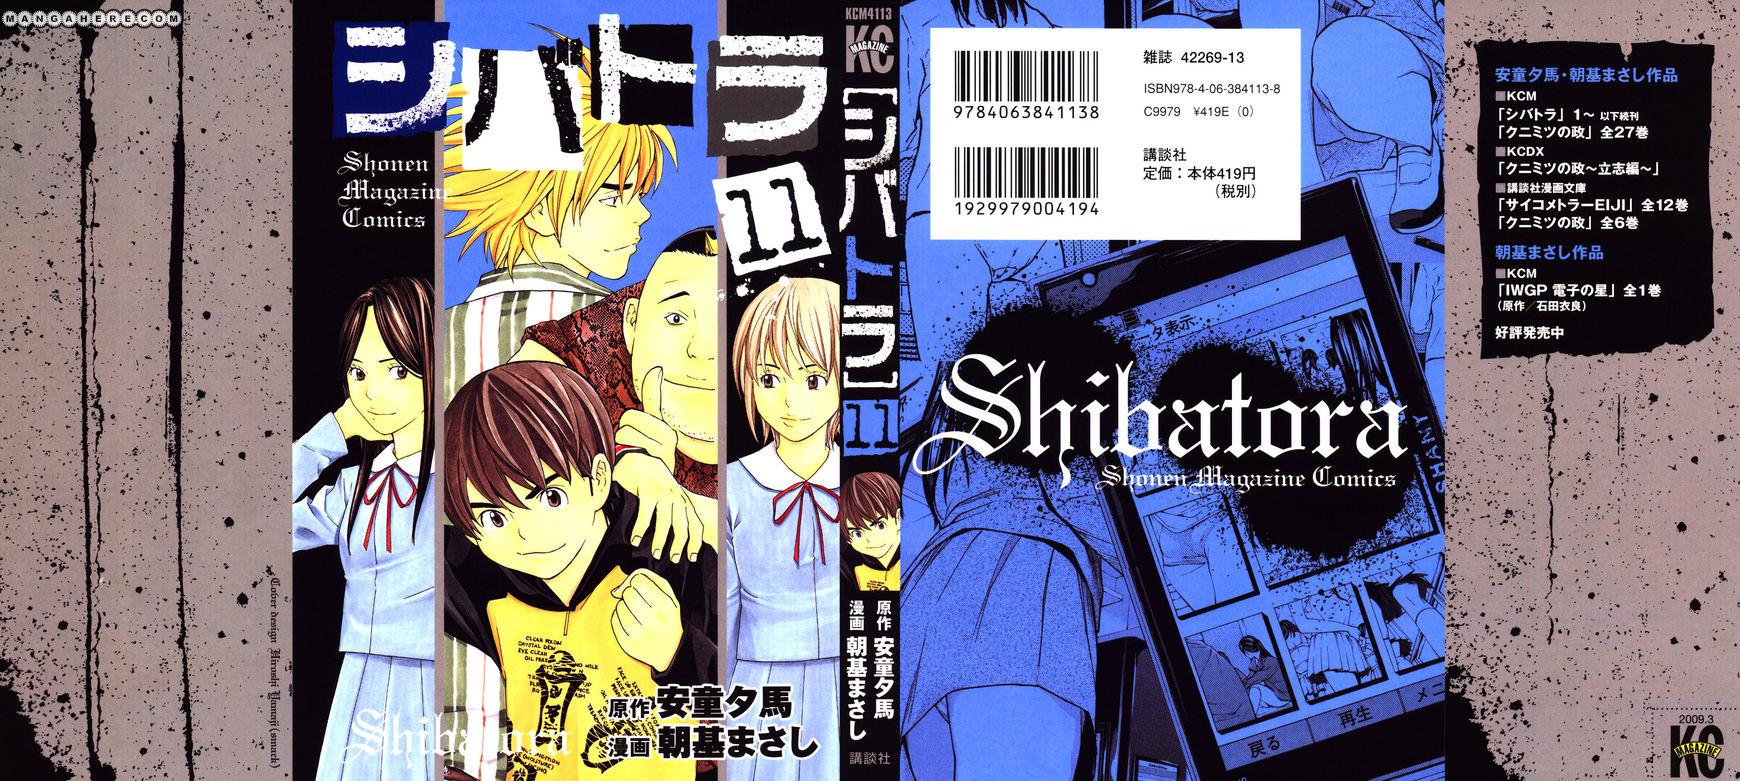 Shibatora 86 Page 1